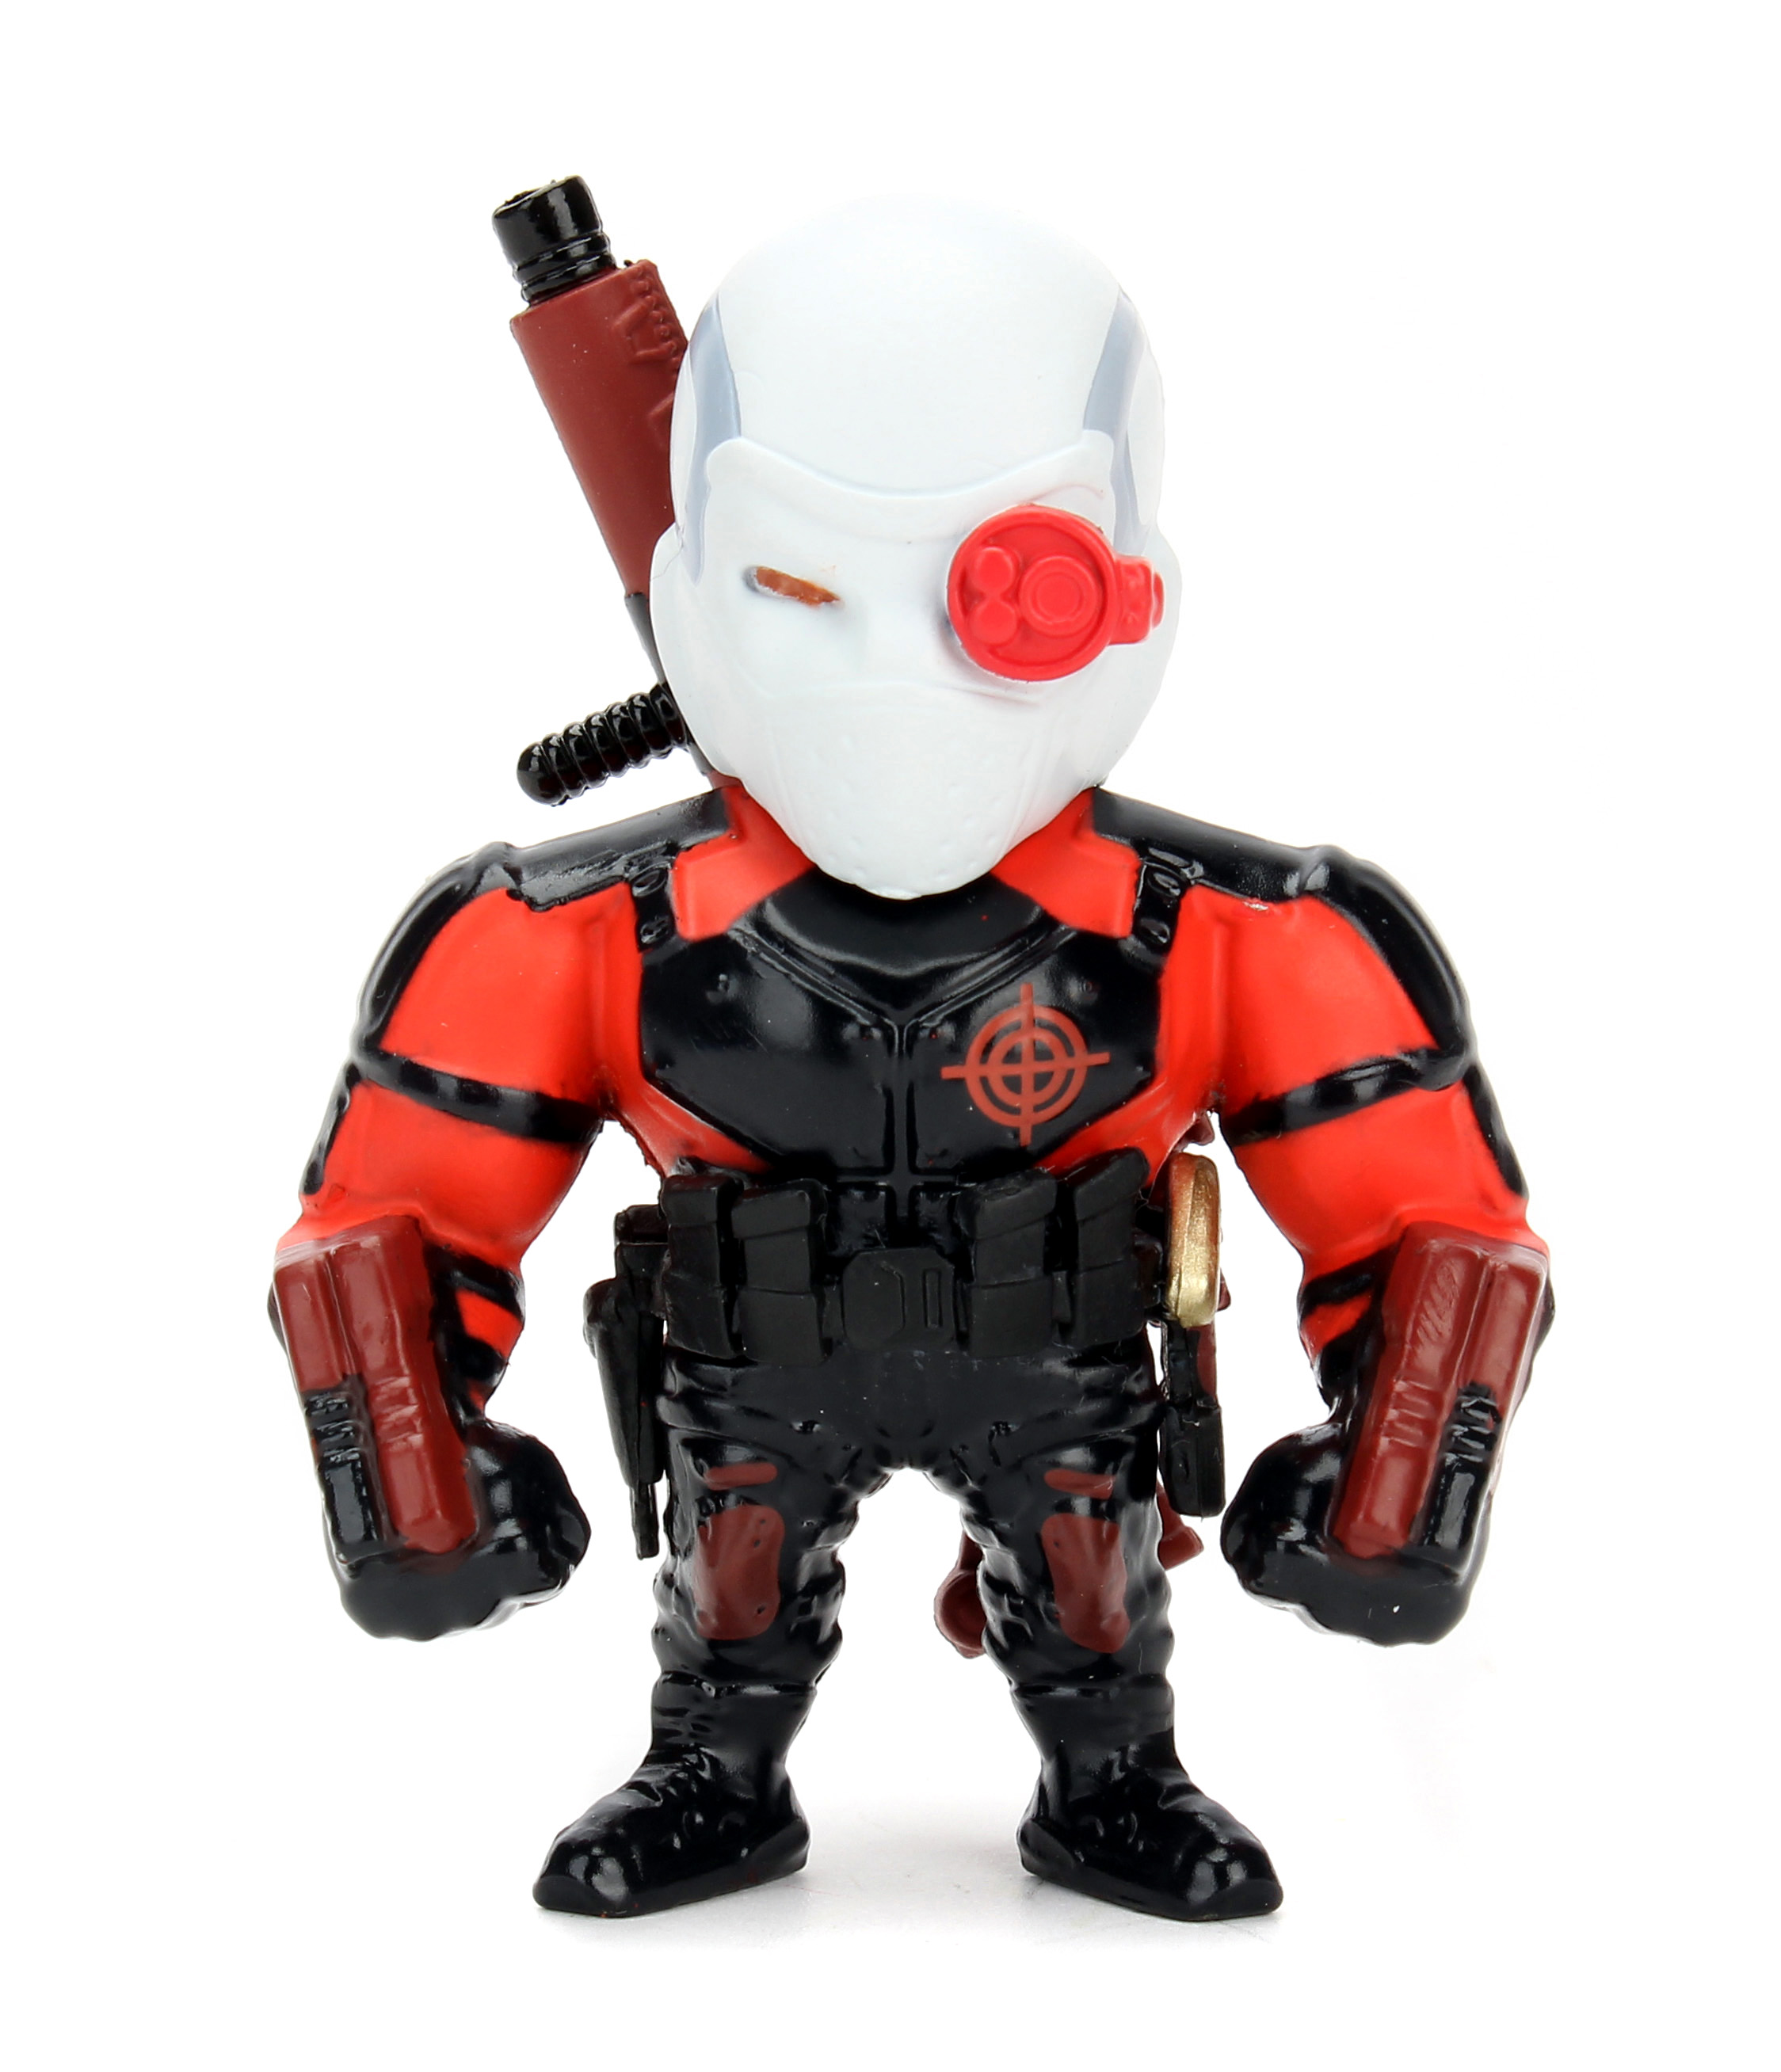 Коллекционная металлическая фигурка Дэдшот: Отряд Самоубийц – Suicide Squad Deadshot (6 см)Представляем вашему вниманию коллекционную металлическую фигурку Дэдшот: Отряд Самоубийц – Suicide Squad Deadshot, созданную по мотивам супергеройского боевика режиссёра Дэвида Эйера, который является экранизацией одноимённых комиксов издательства DC Comics.<br>